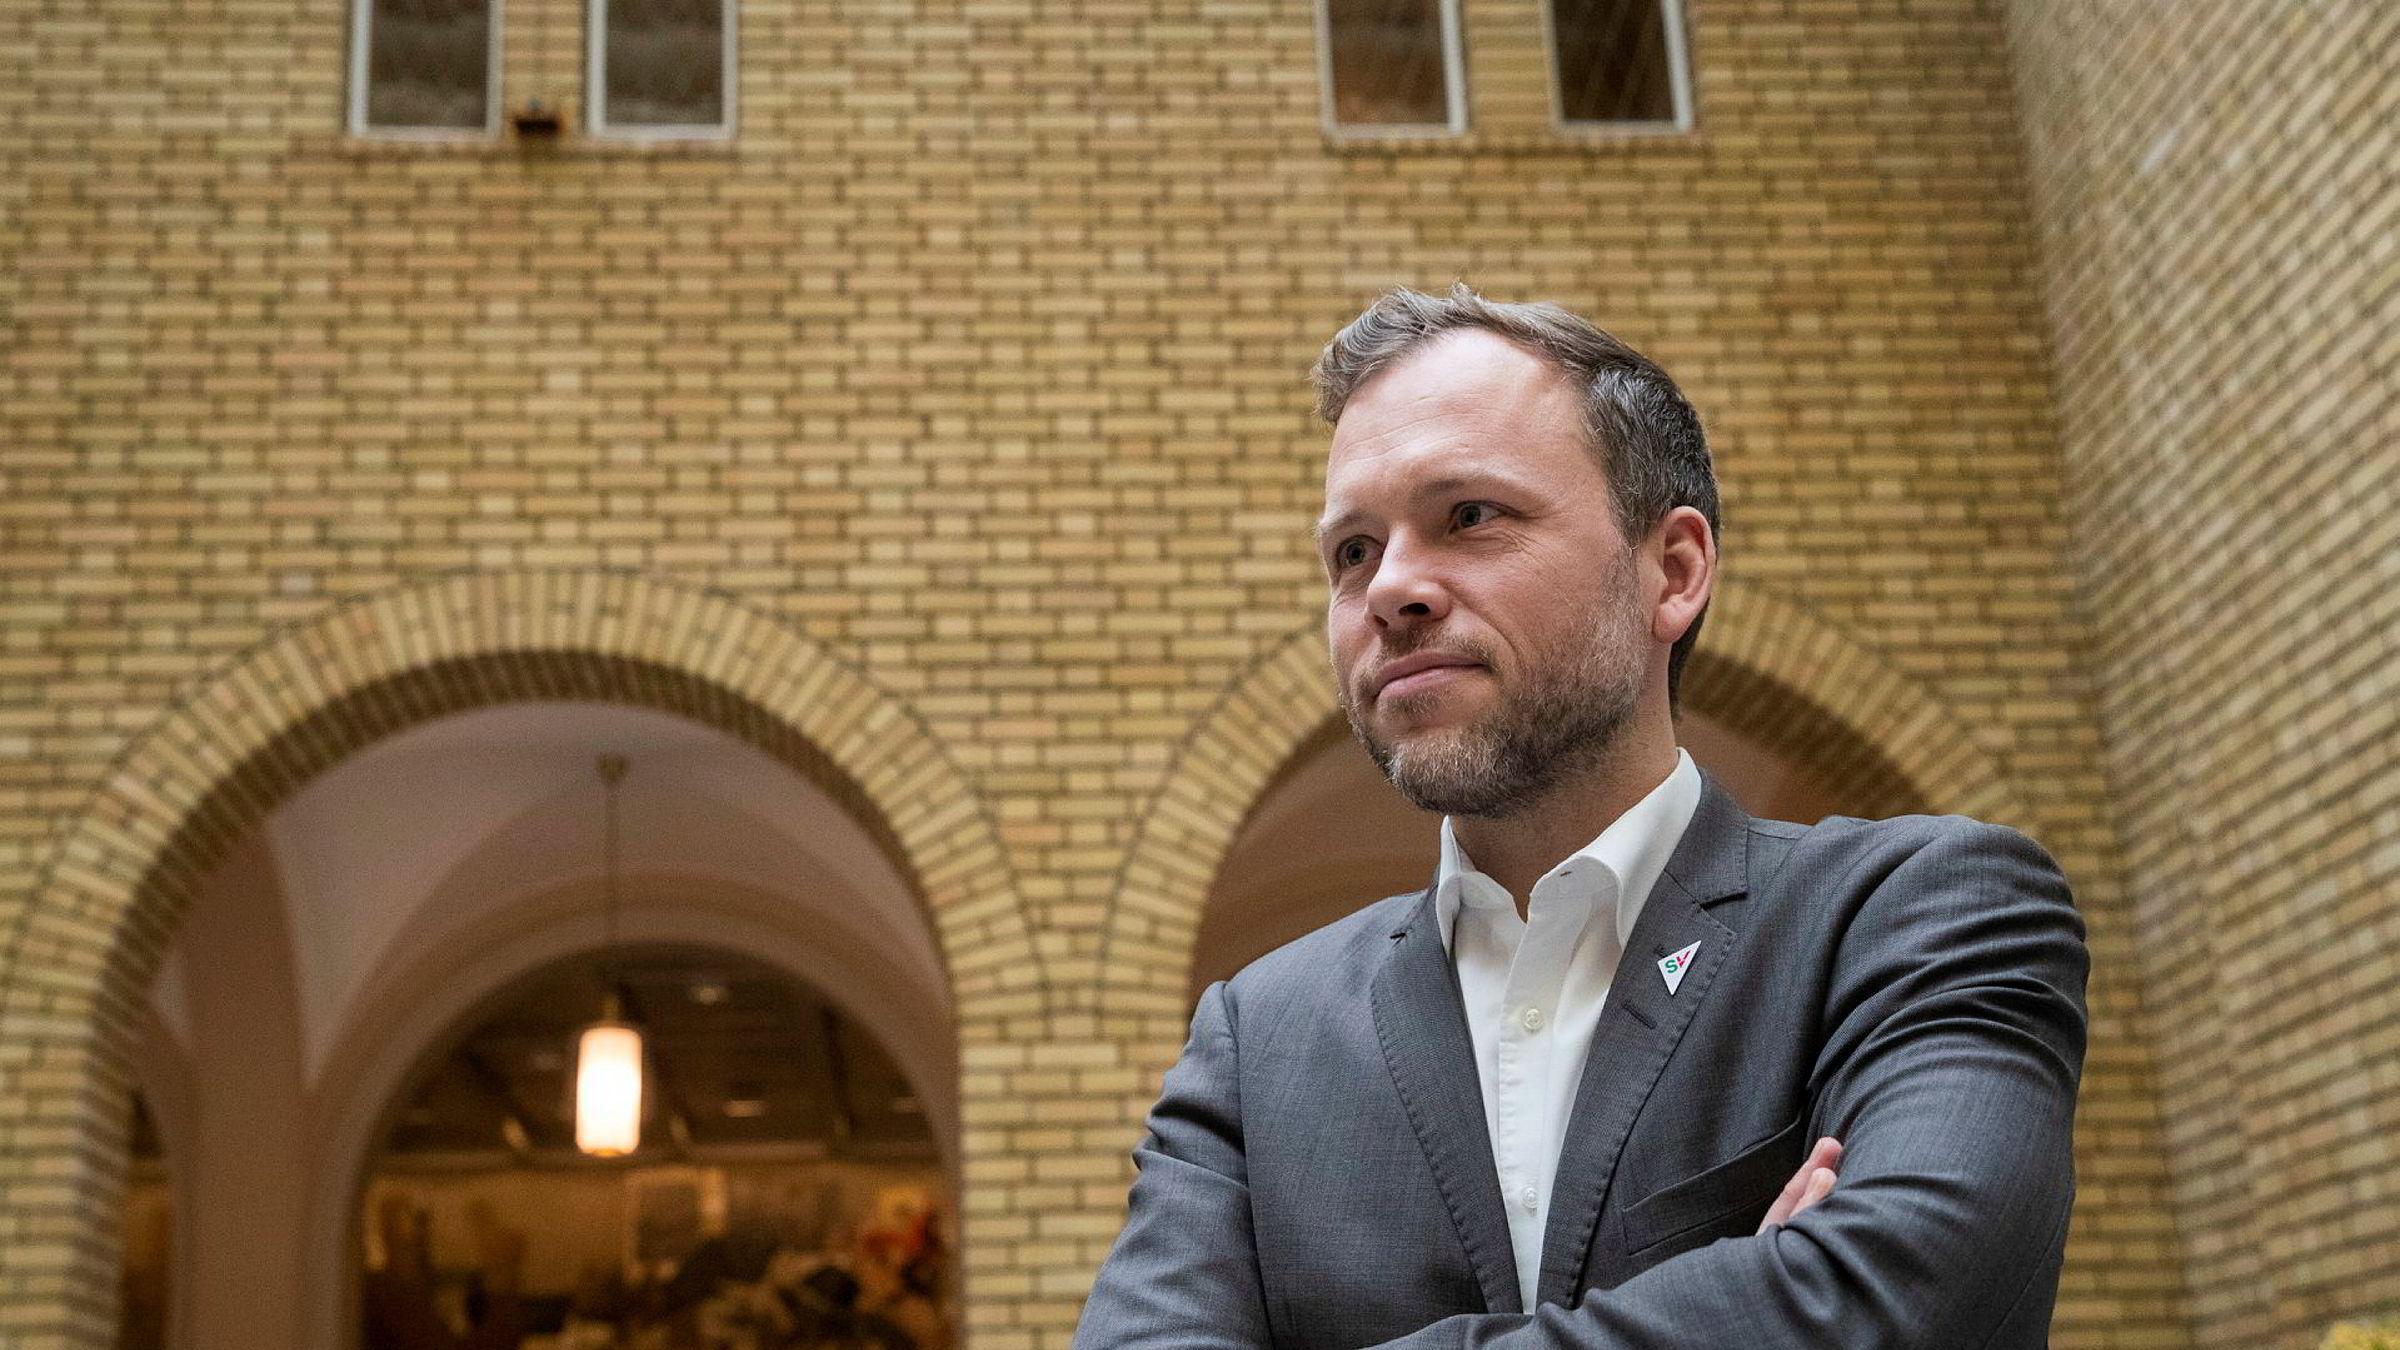 SV- leder Audun Lysbakken i mener det er oppsiktsvekkende og skuffende at finansminister Jan Tore Sanner (H) på få timer forkaster Finanstilsynets råd om å forby banker og forsikringsselskaper å betale ut utbytte for 2019 inntil videre.